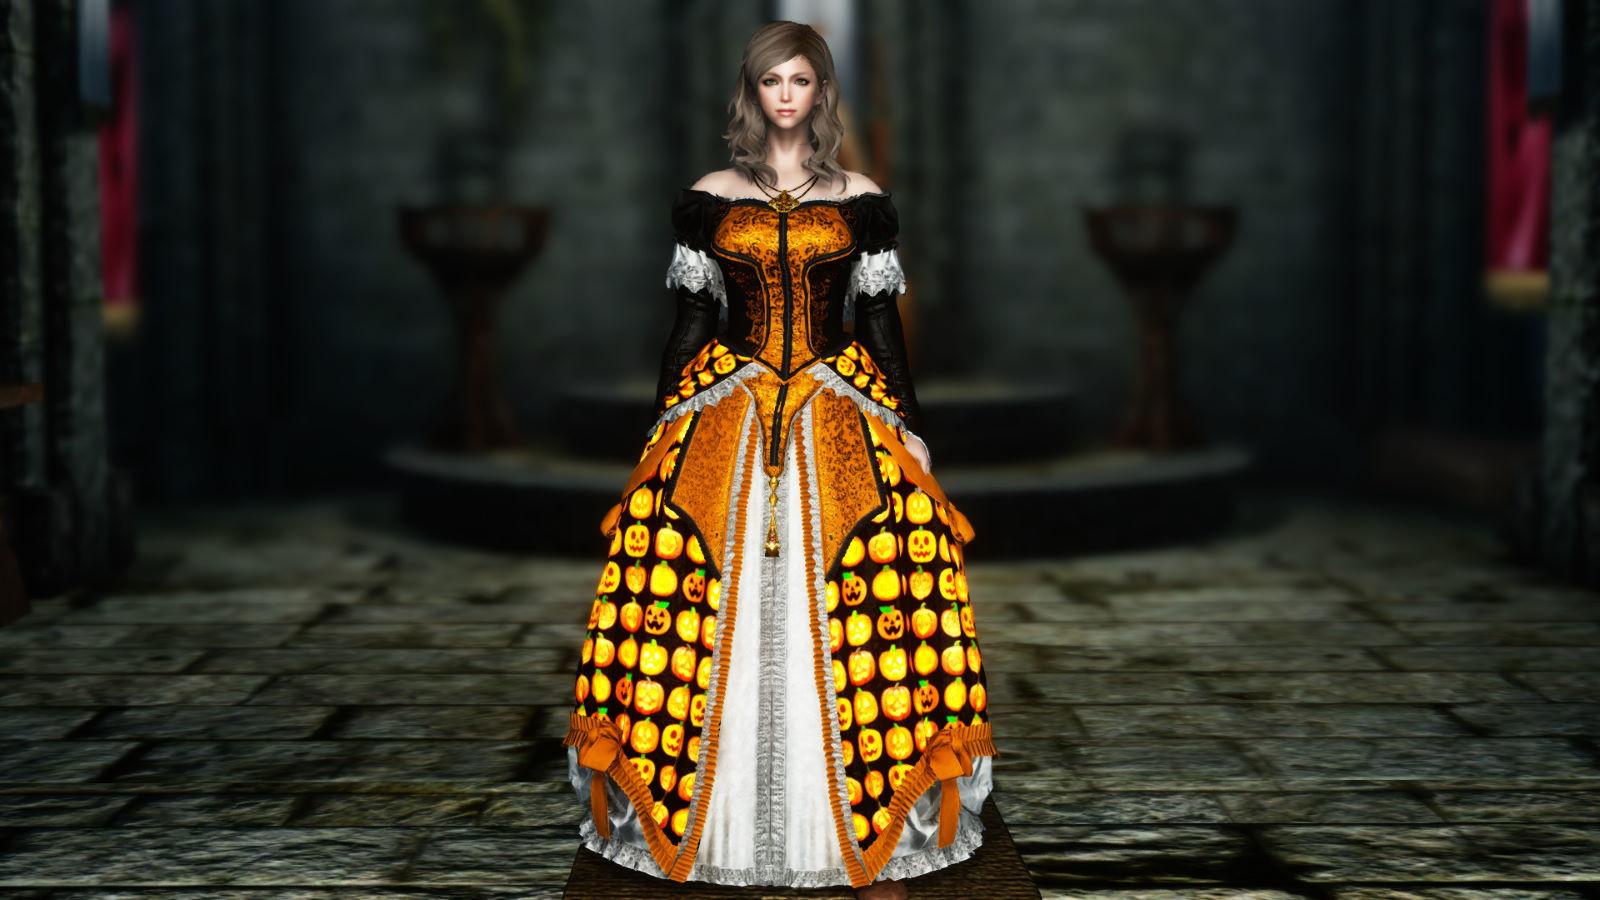 FullInuEliseDressSK 250-1 Pose Dress Halloween 1